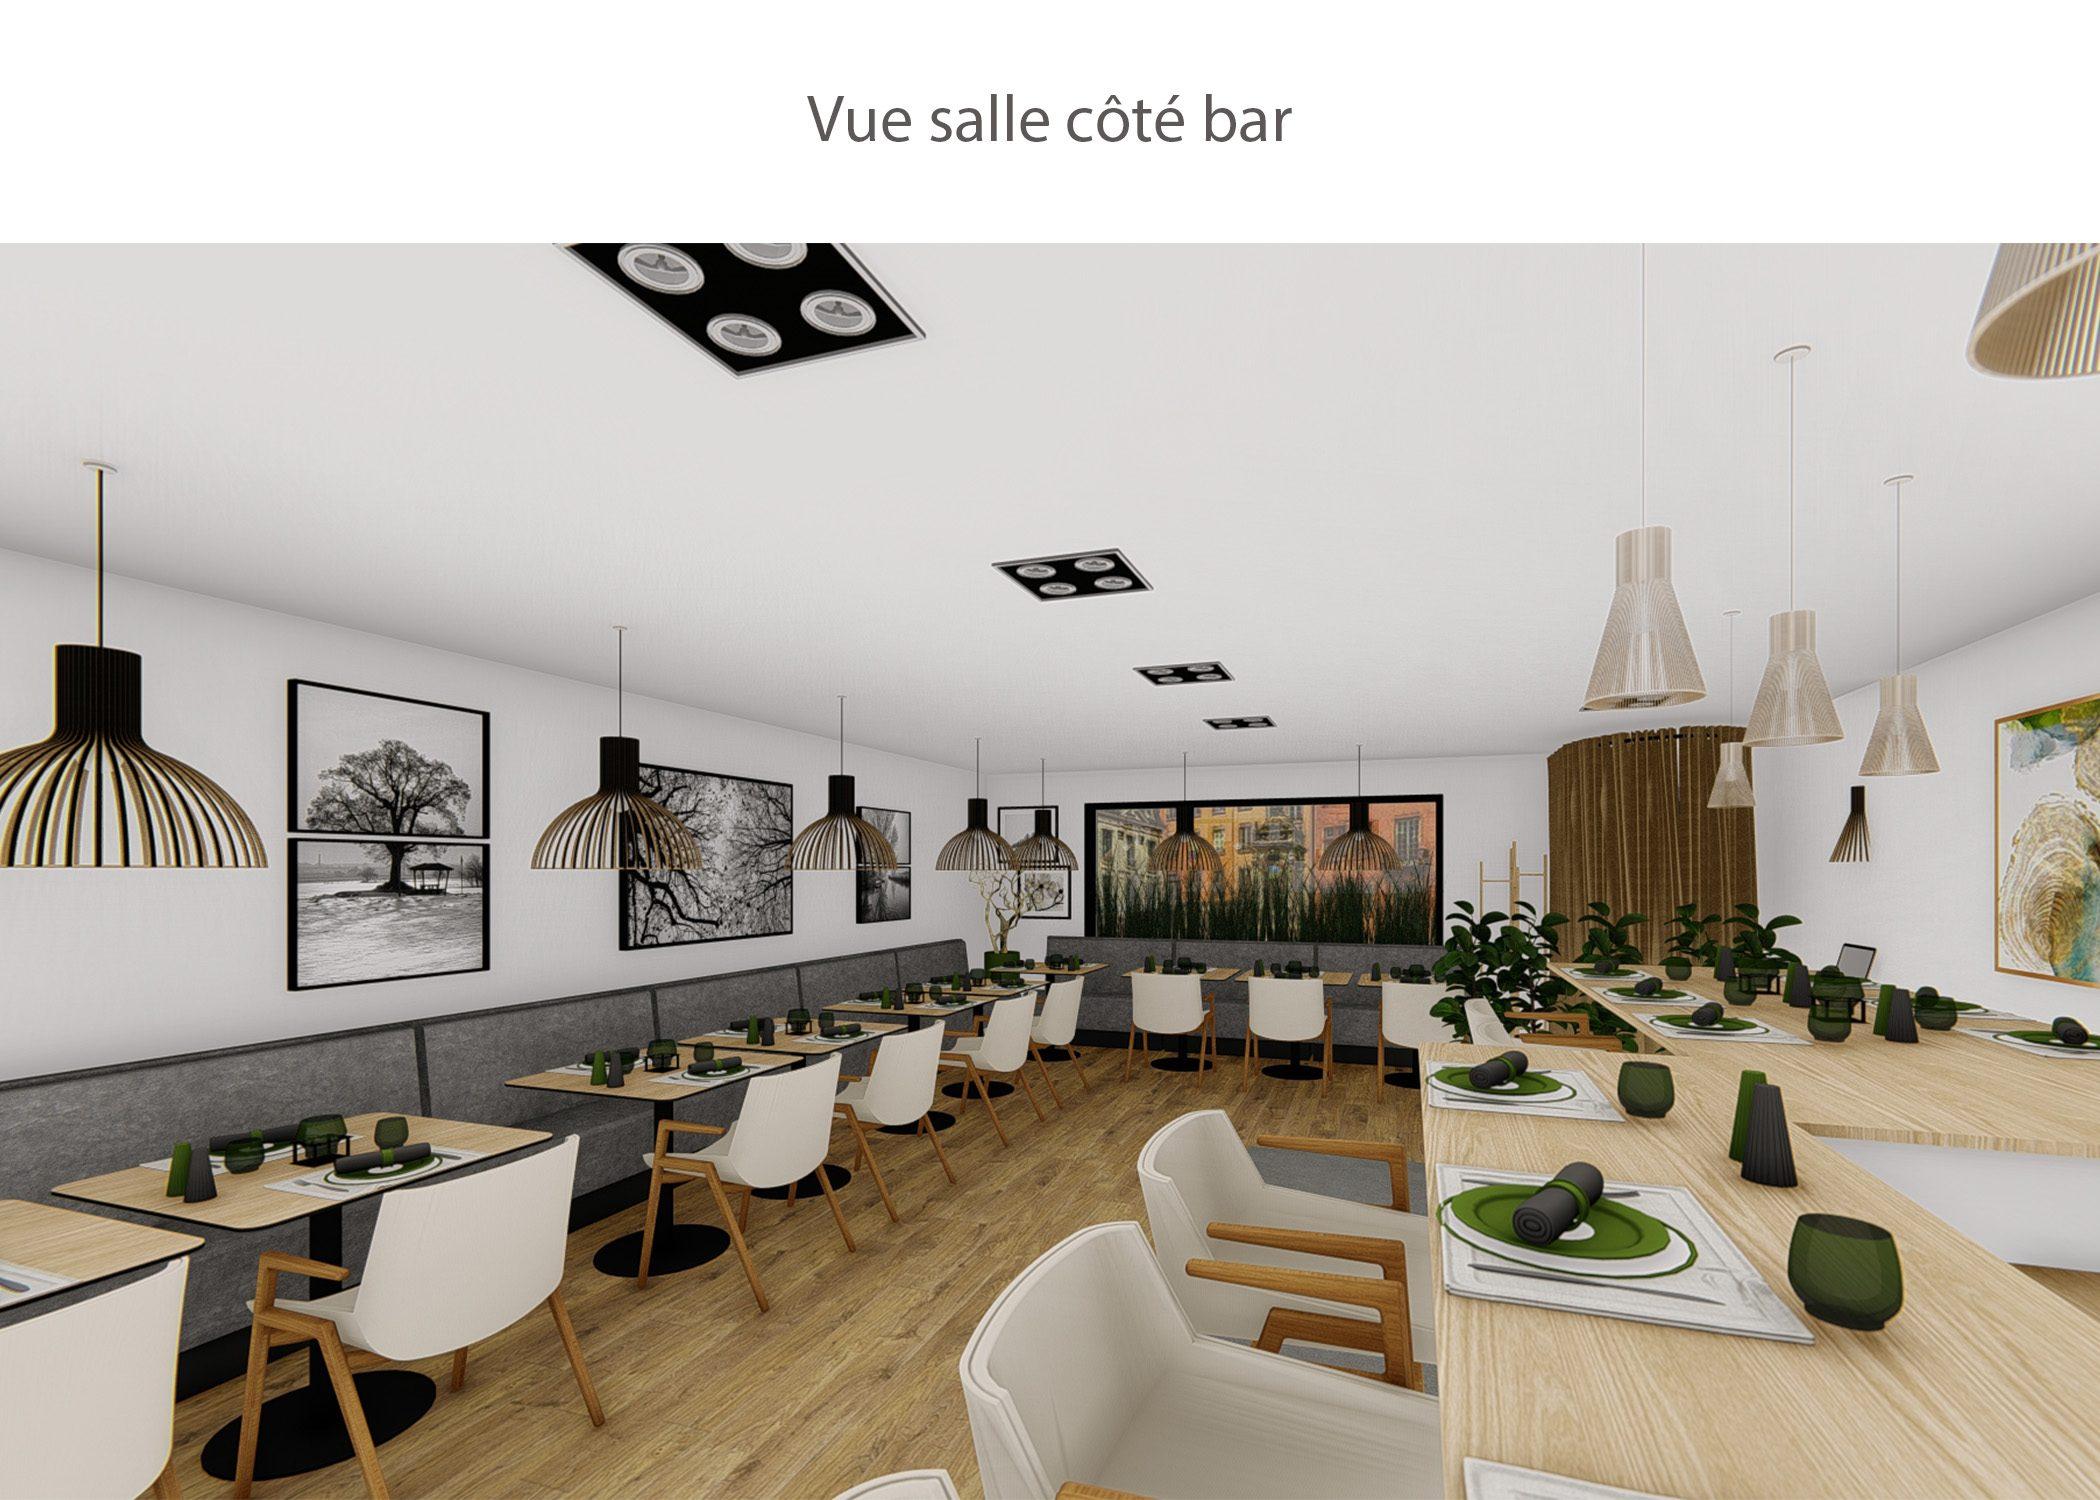 amenagement-decoration-restaurant-lyon-vue salle cote bar-dekho design